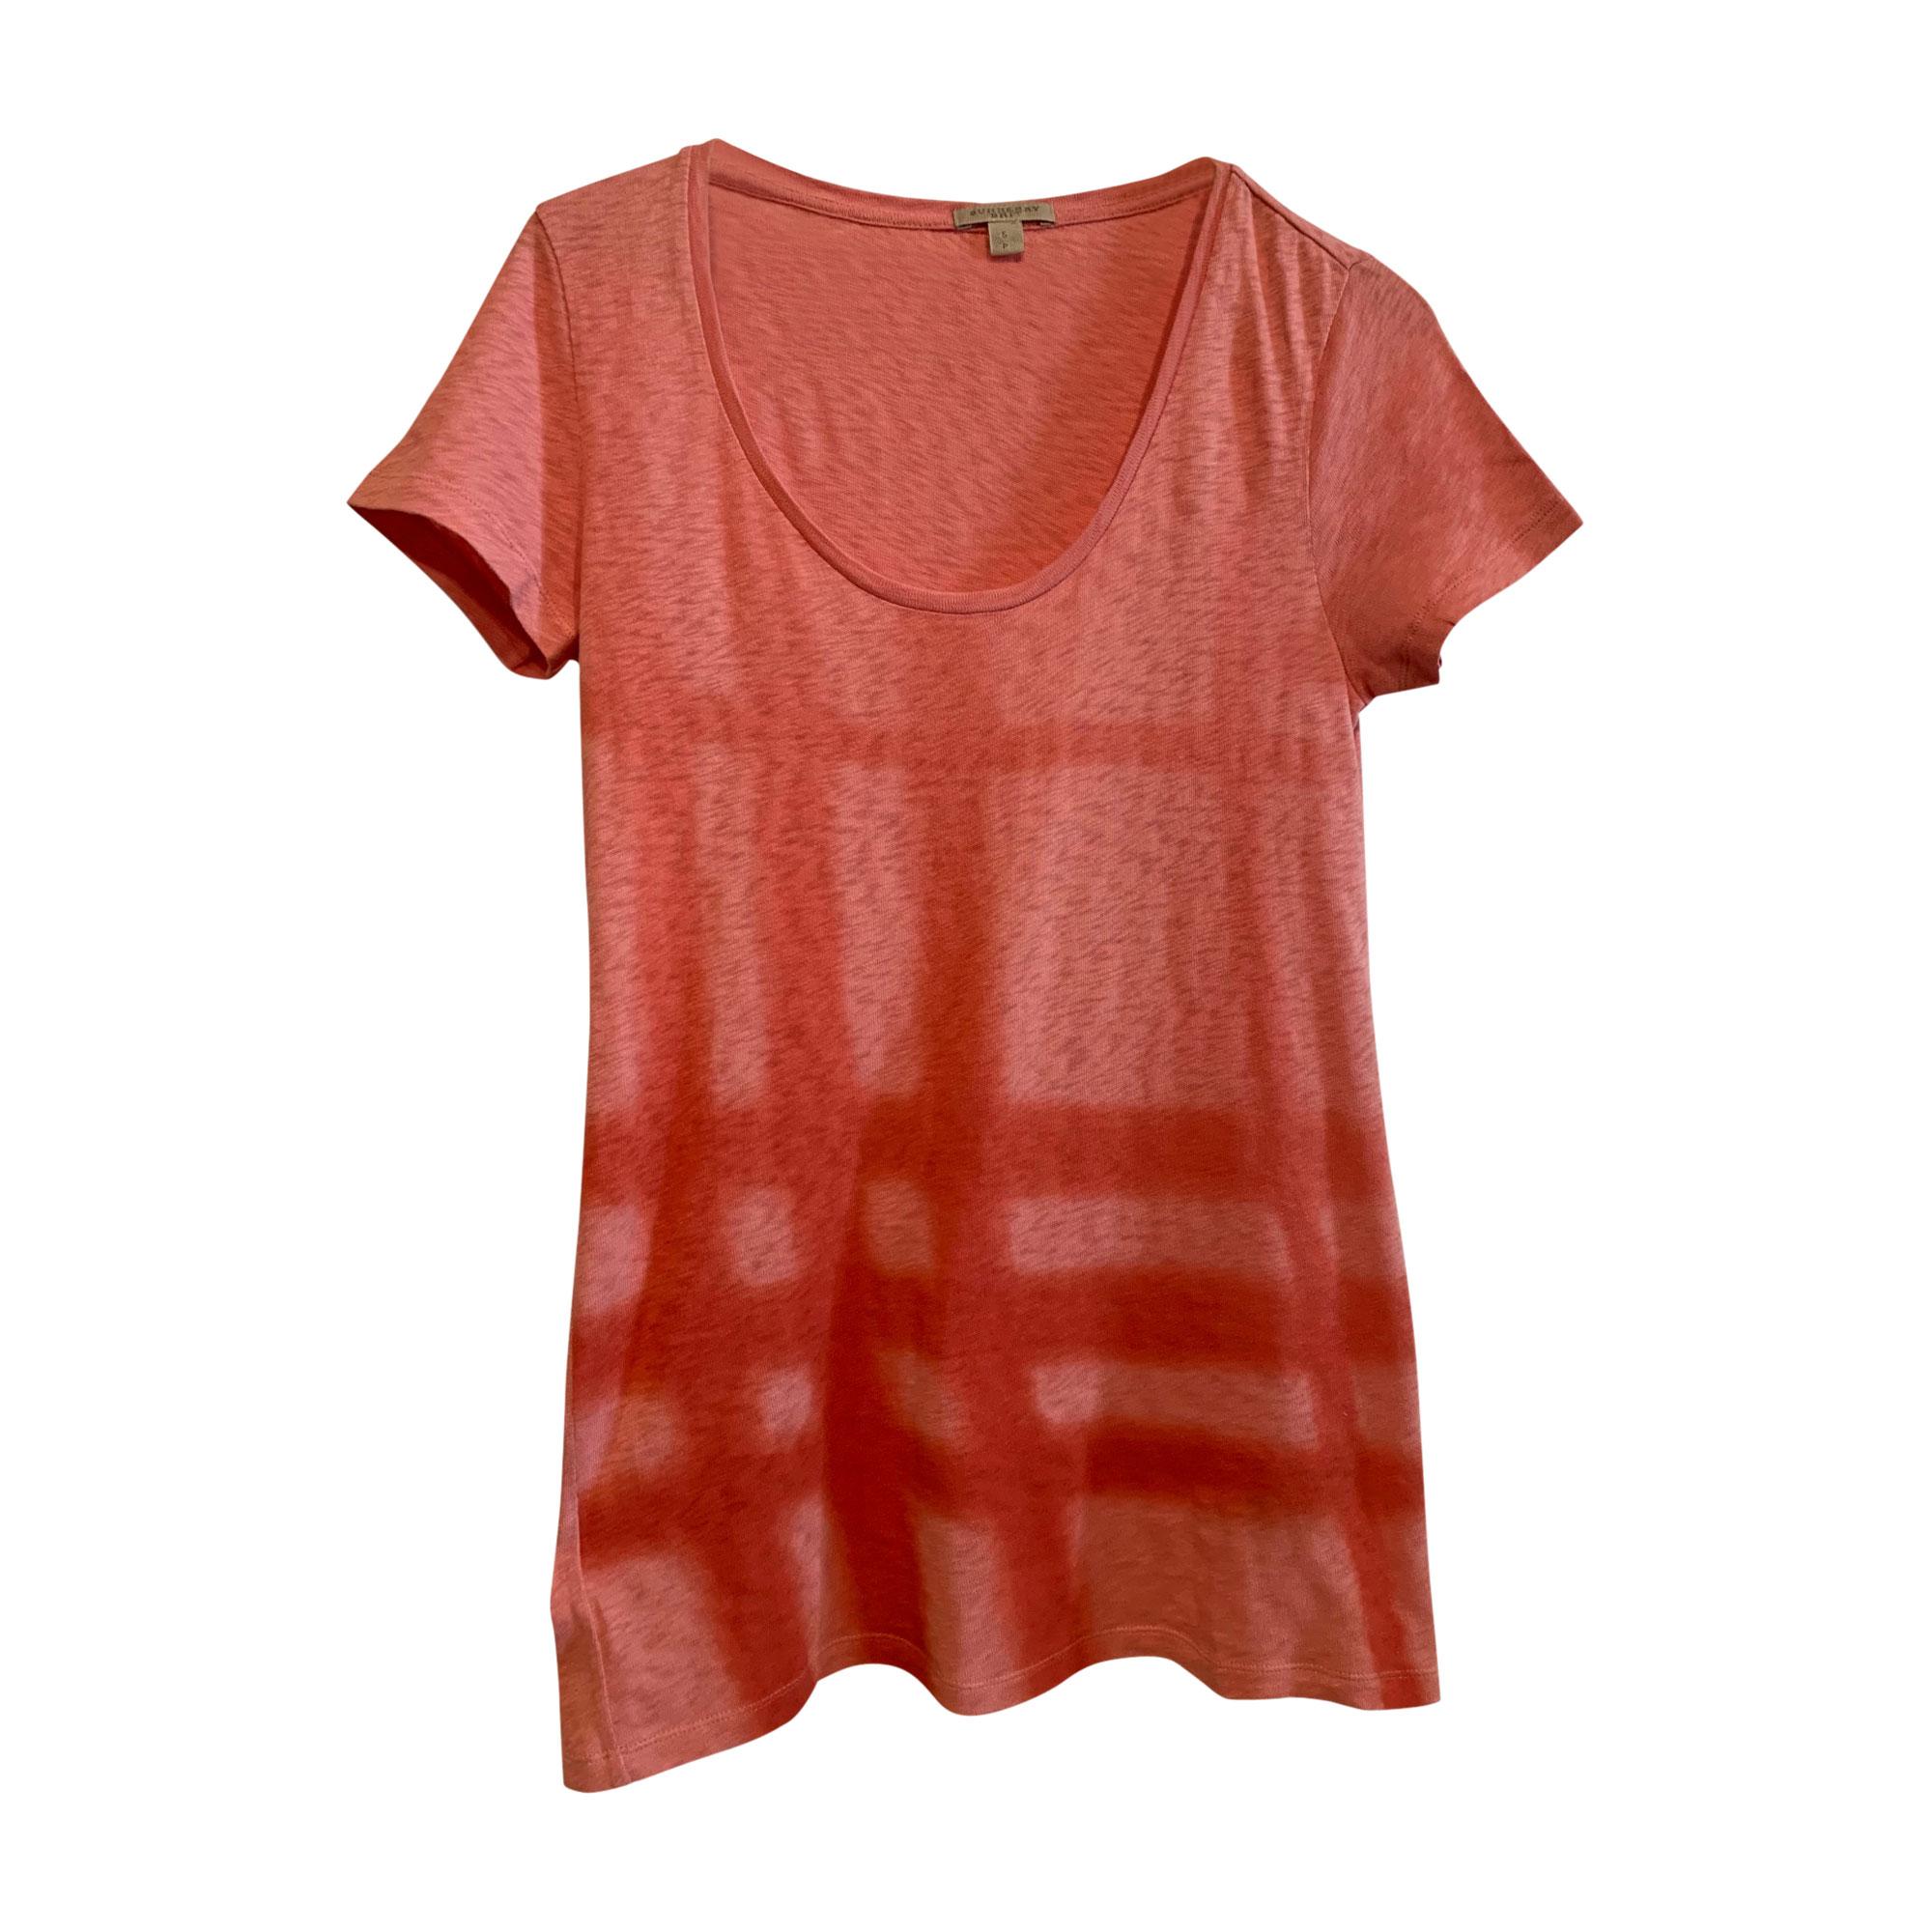 Top, T-shirt BURBERRY Pink, fuchsia, light pink